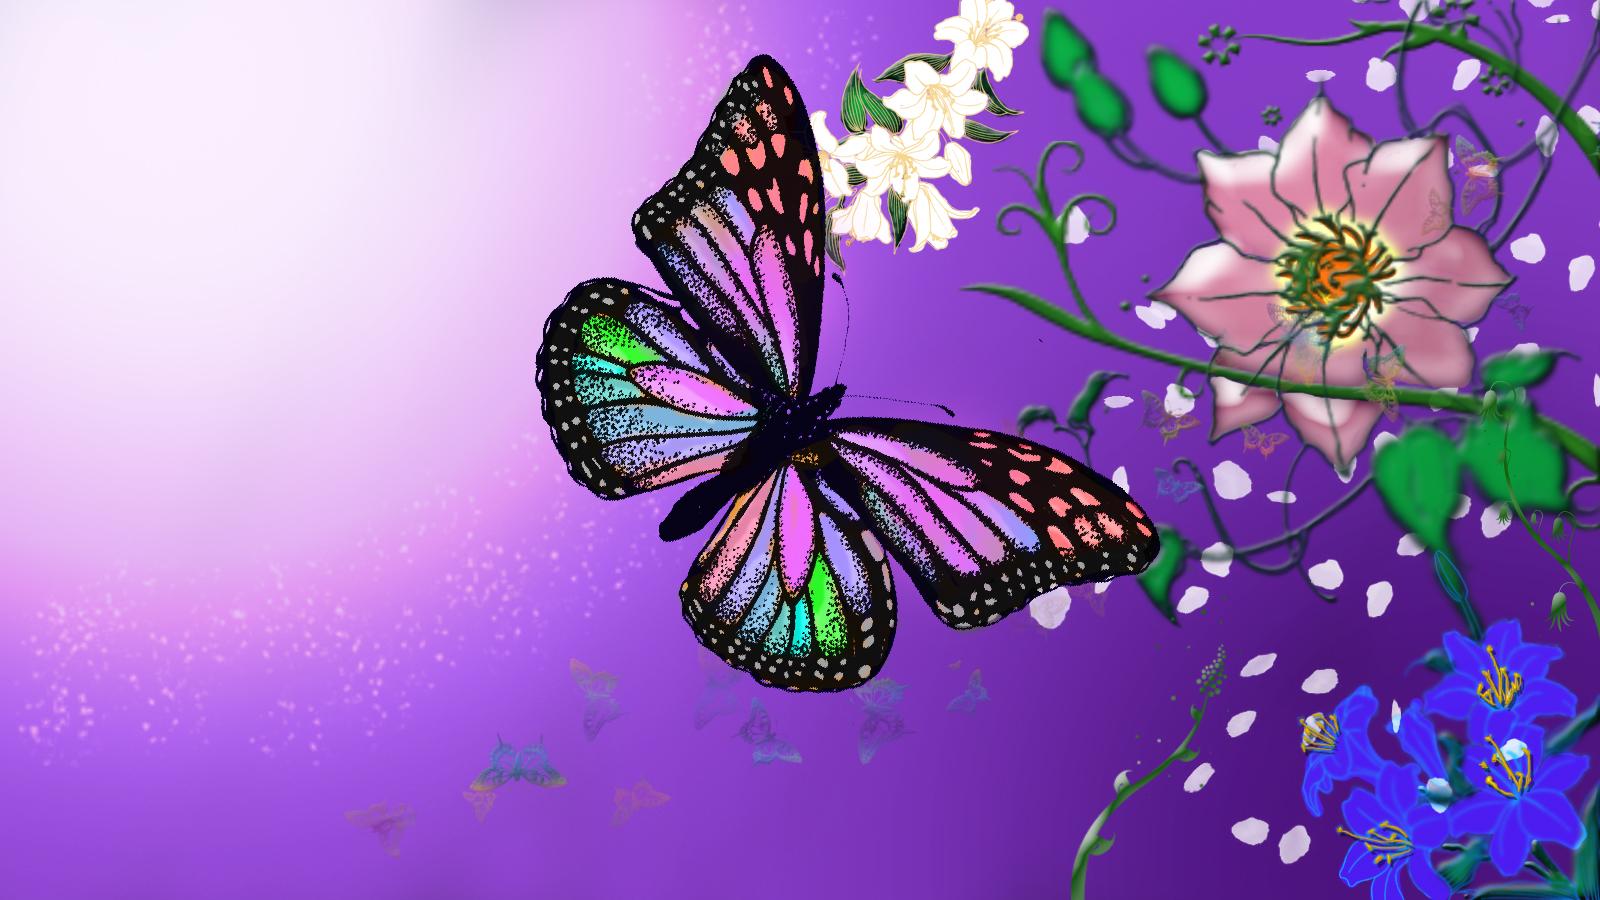 Purple butterfly wallpaper - photo#43